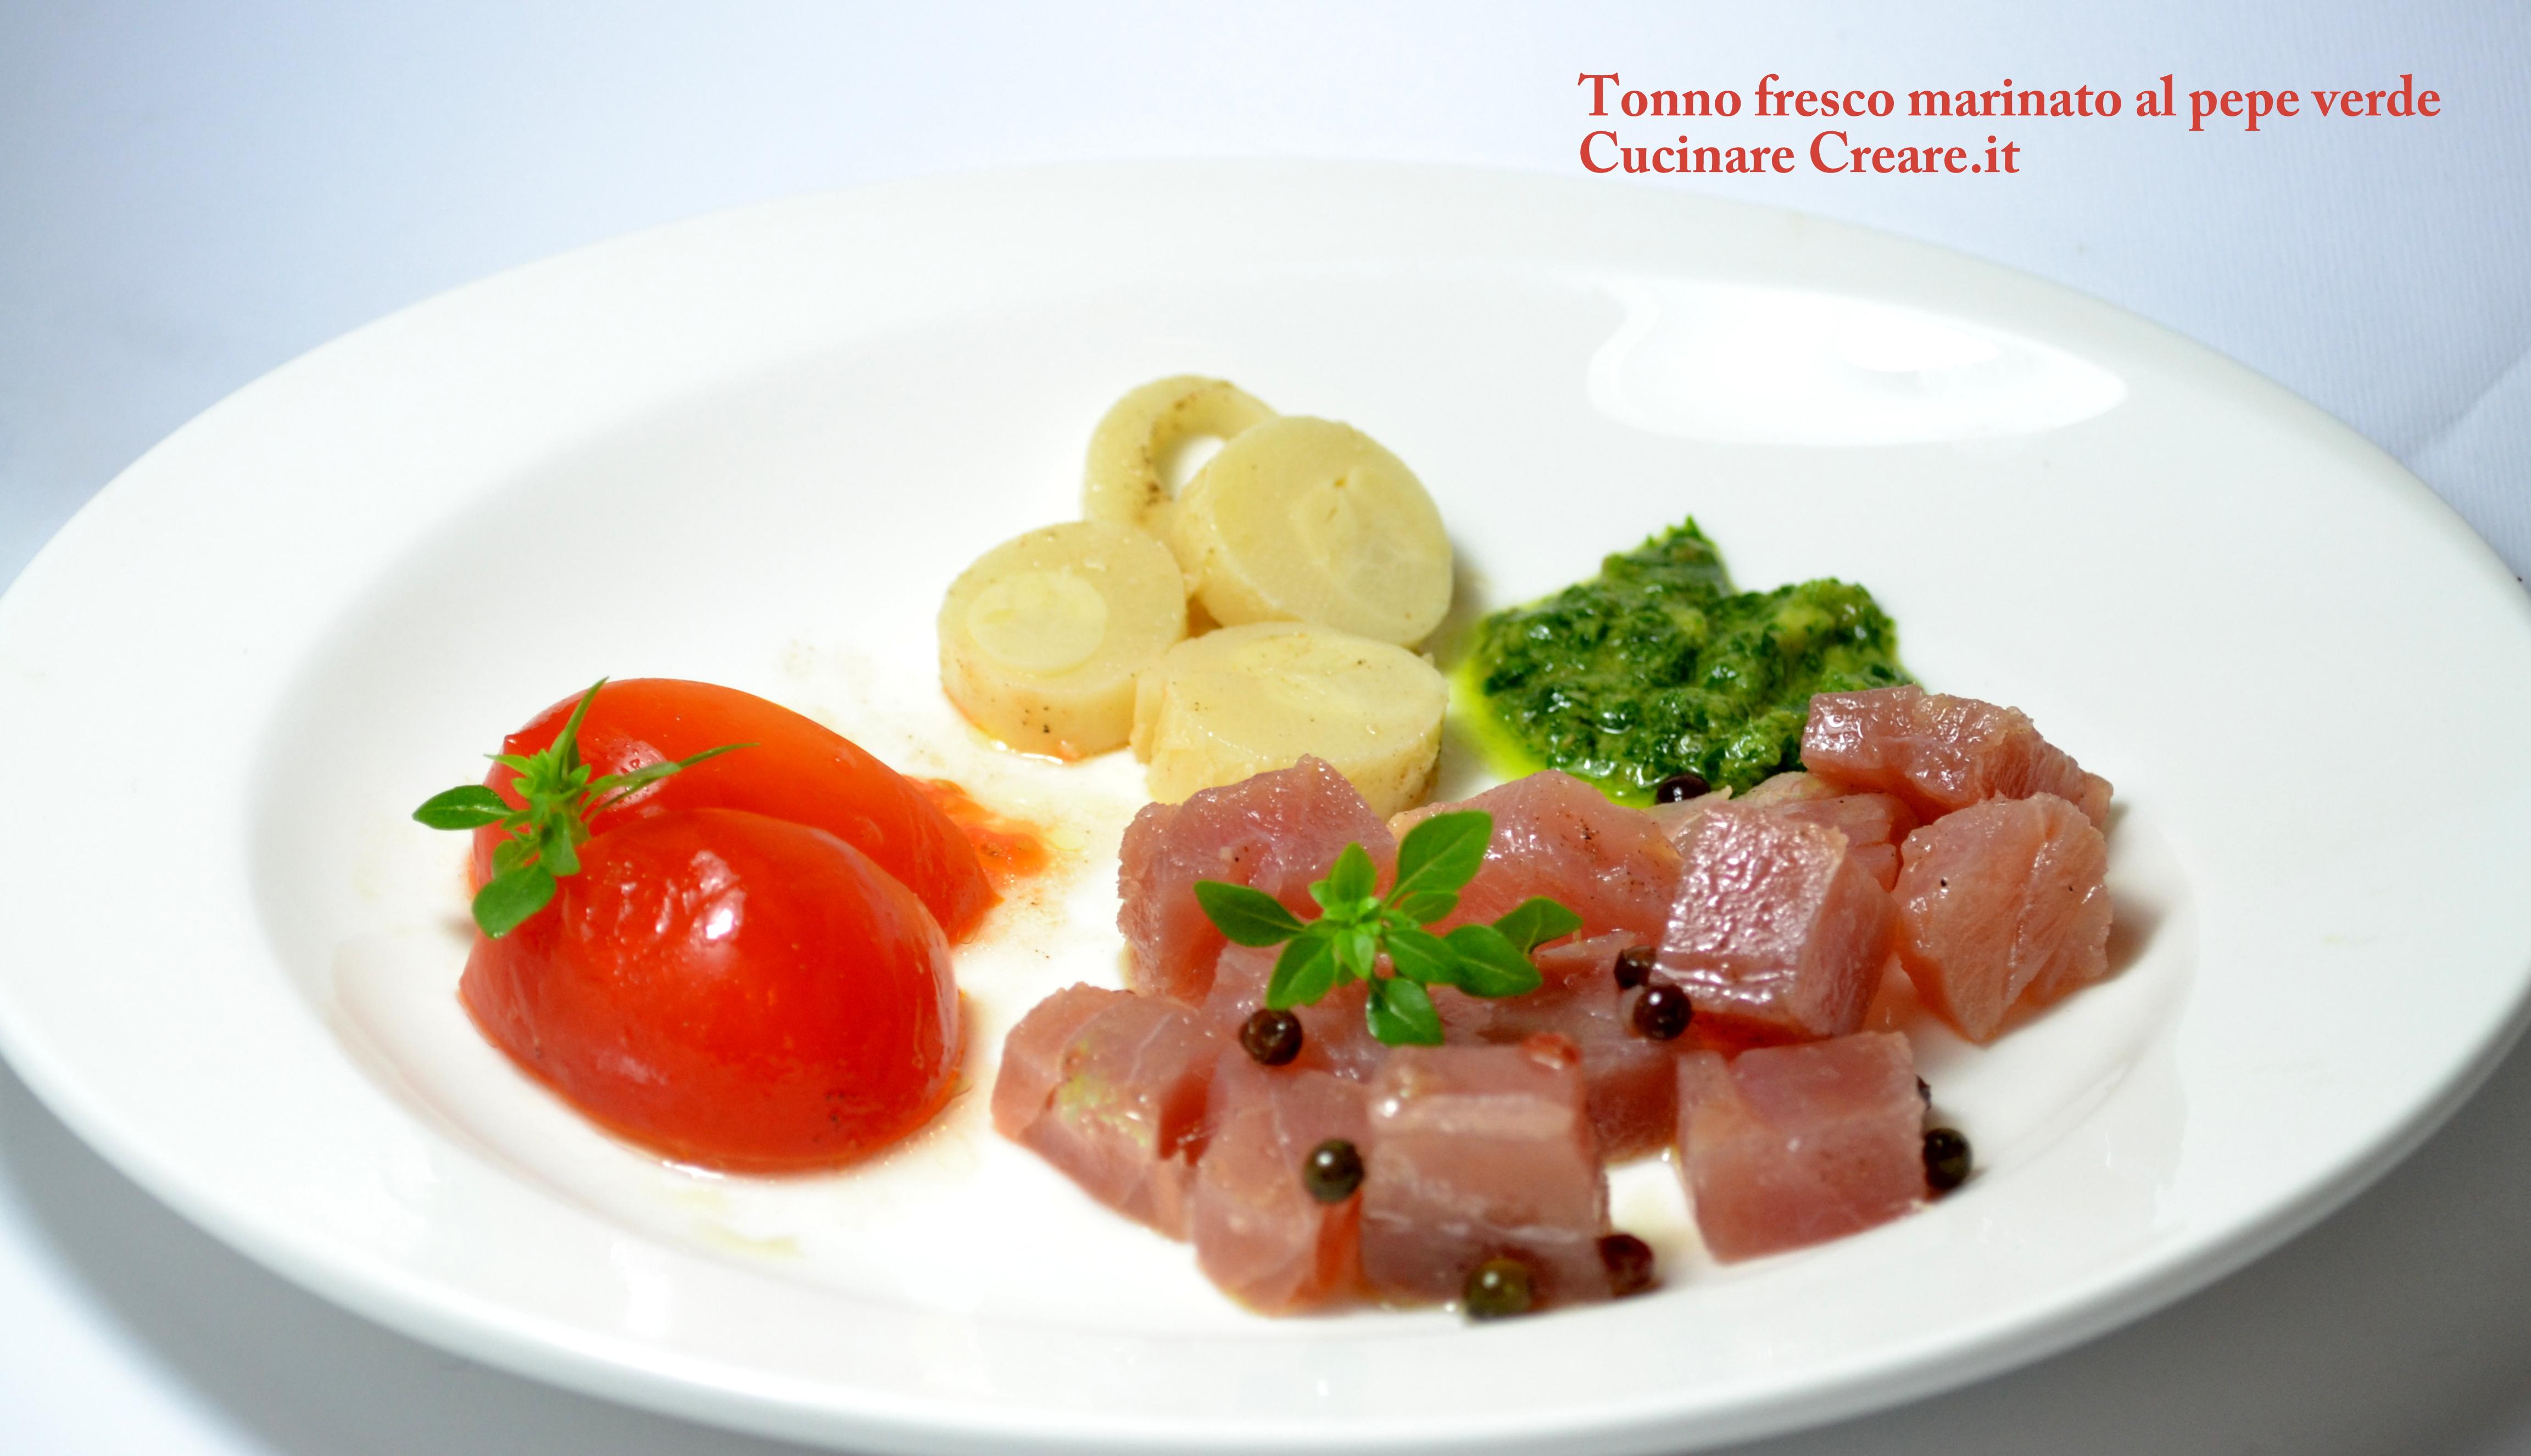 Cucinare creare - Cucinare tonno fresco ...